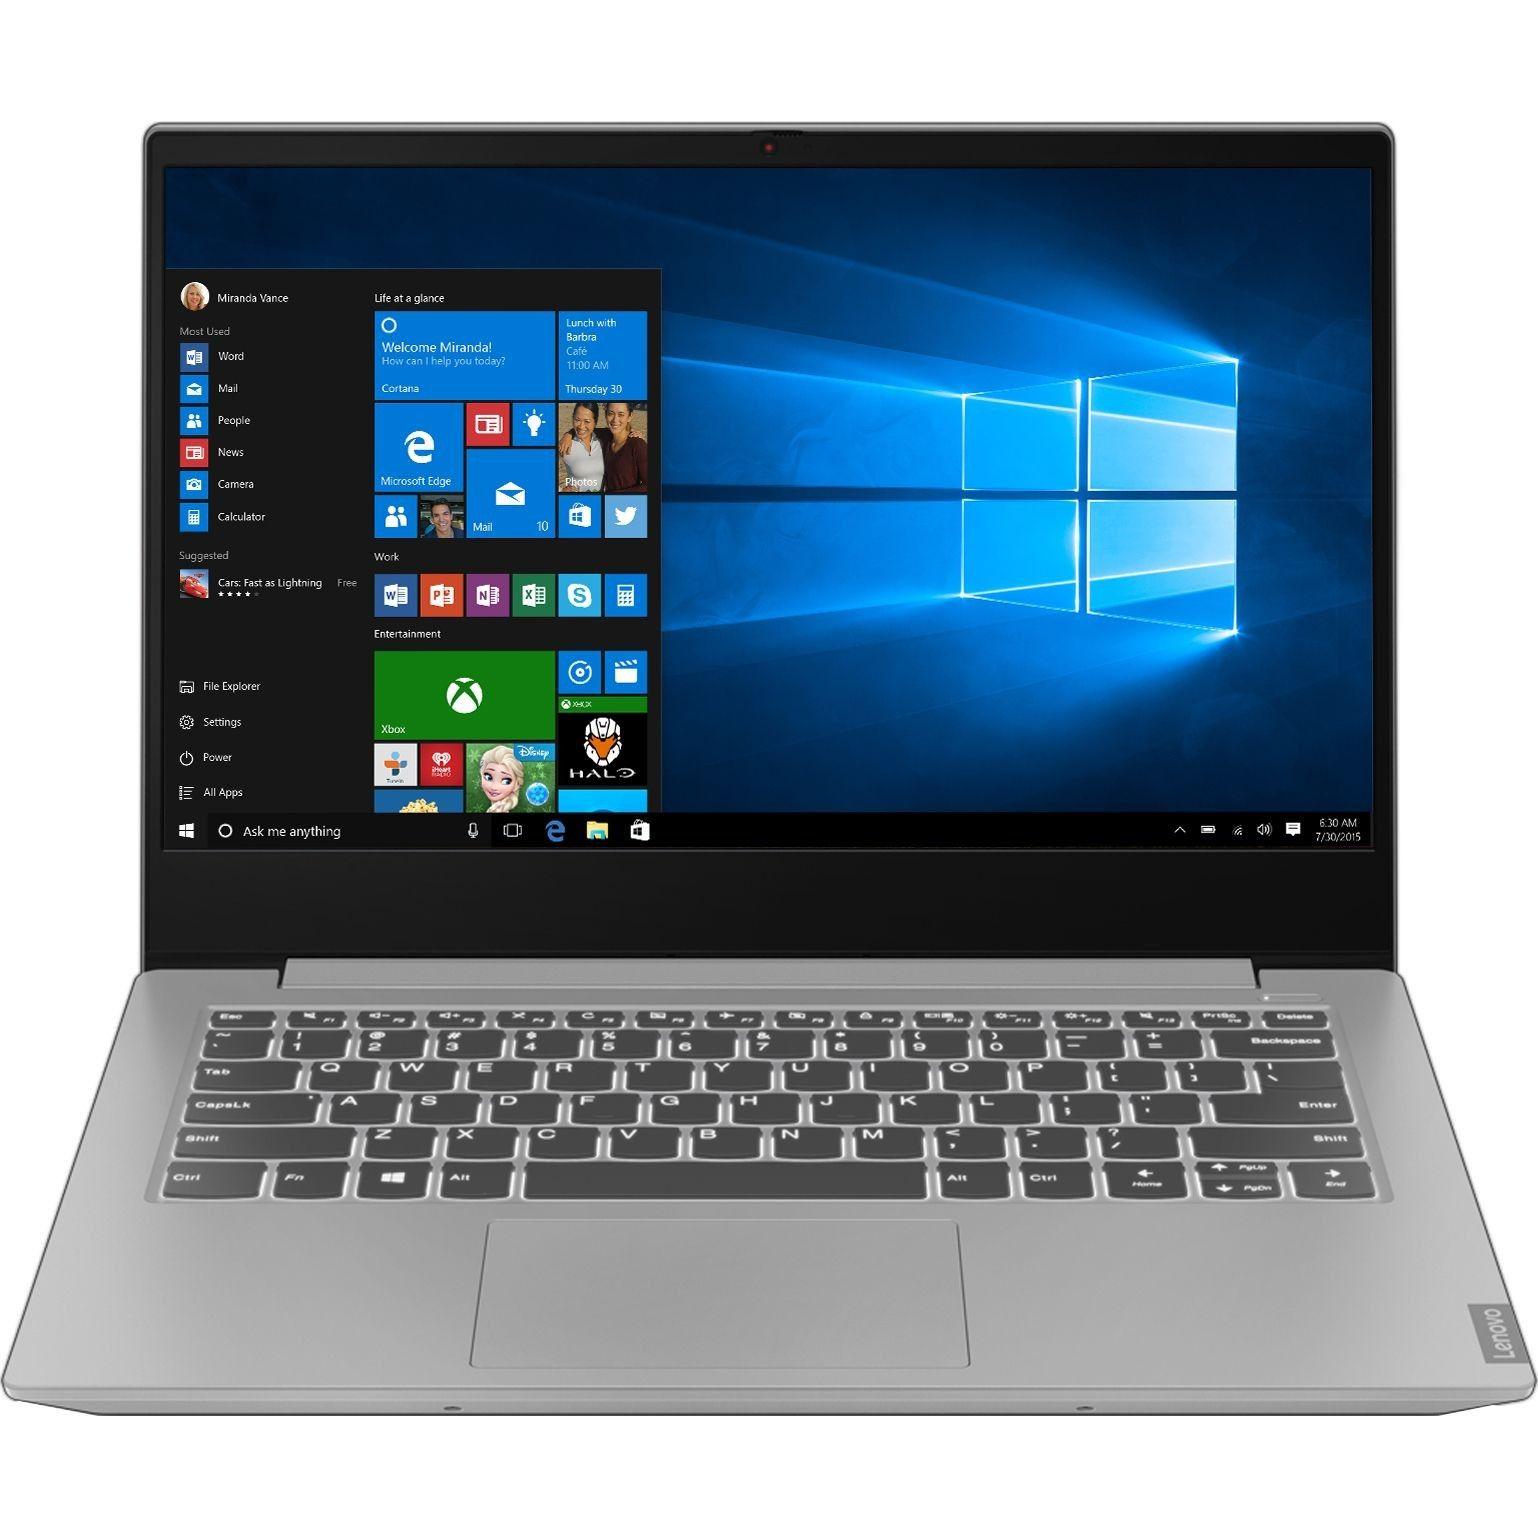 """Lenovo Ideapad Laptop S340 14"""" Full HD AMD Ryzen 7 3700U, 8GB RAM 512GB SSD W10 £479.99 Laptop outlet"""